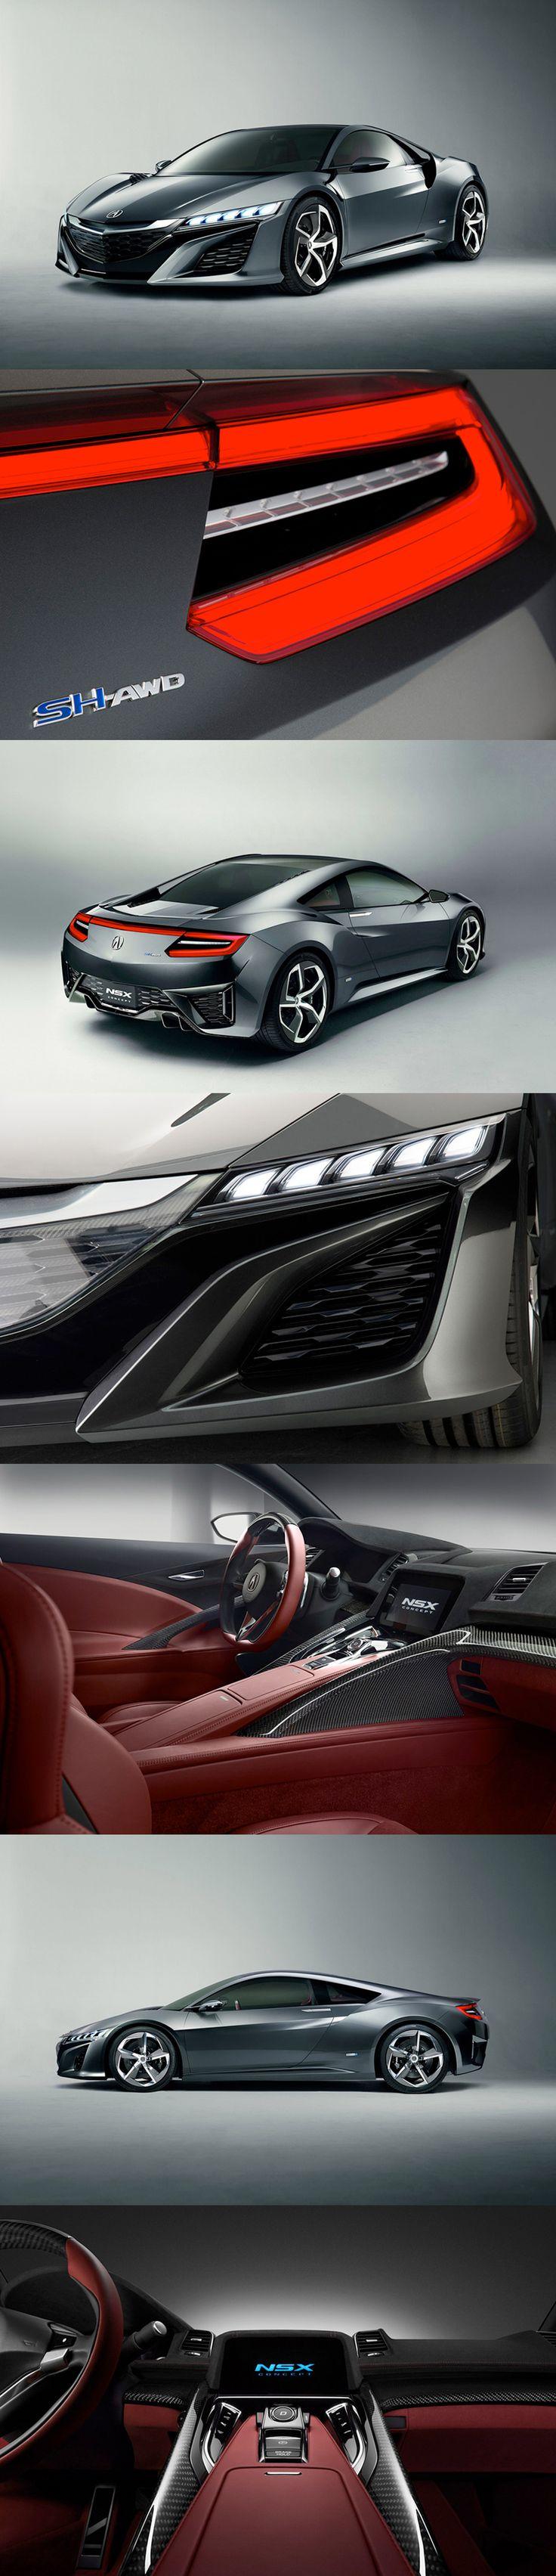 2015 acura NSX hybrid concept